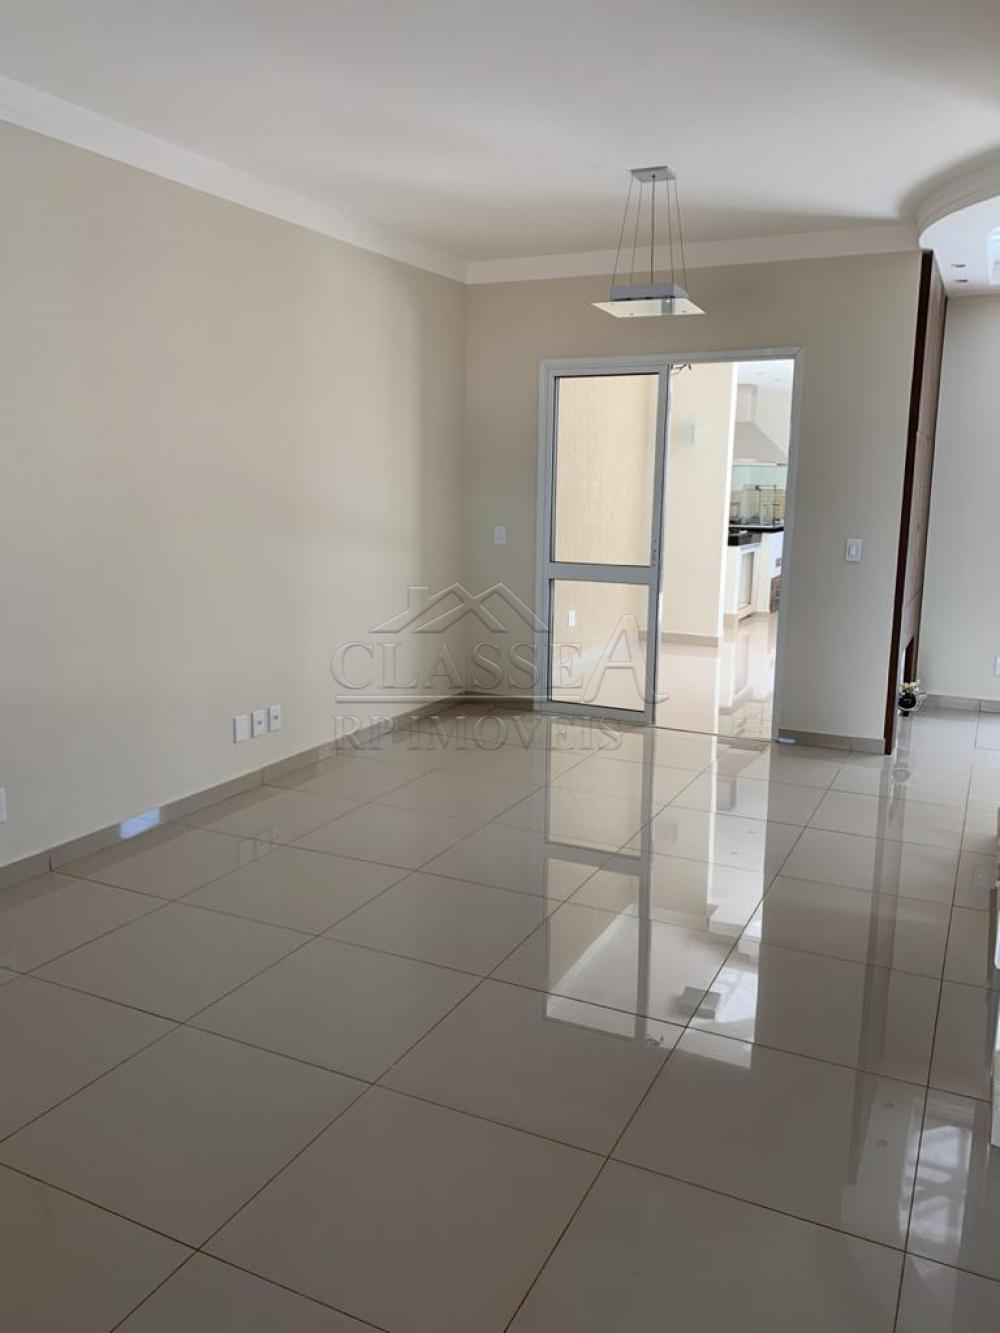 Alugar Casa / Condomínio - sobrado em Ribeirão Preto R$ 3.200,00 - Foto 4